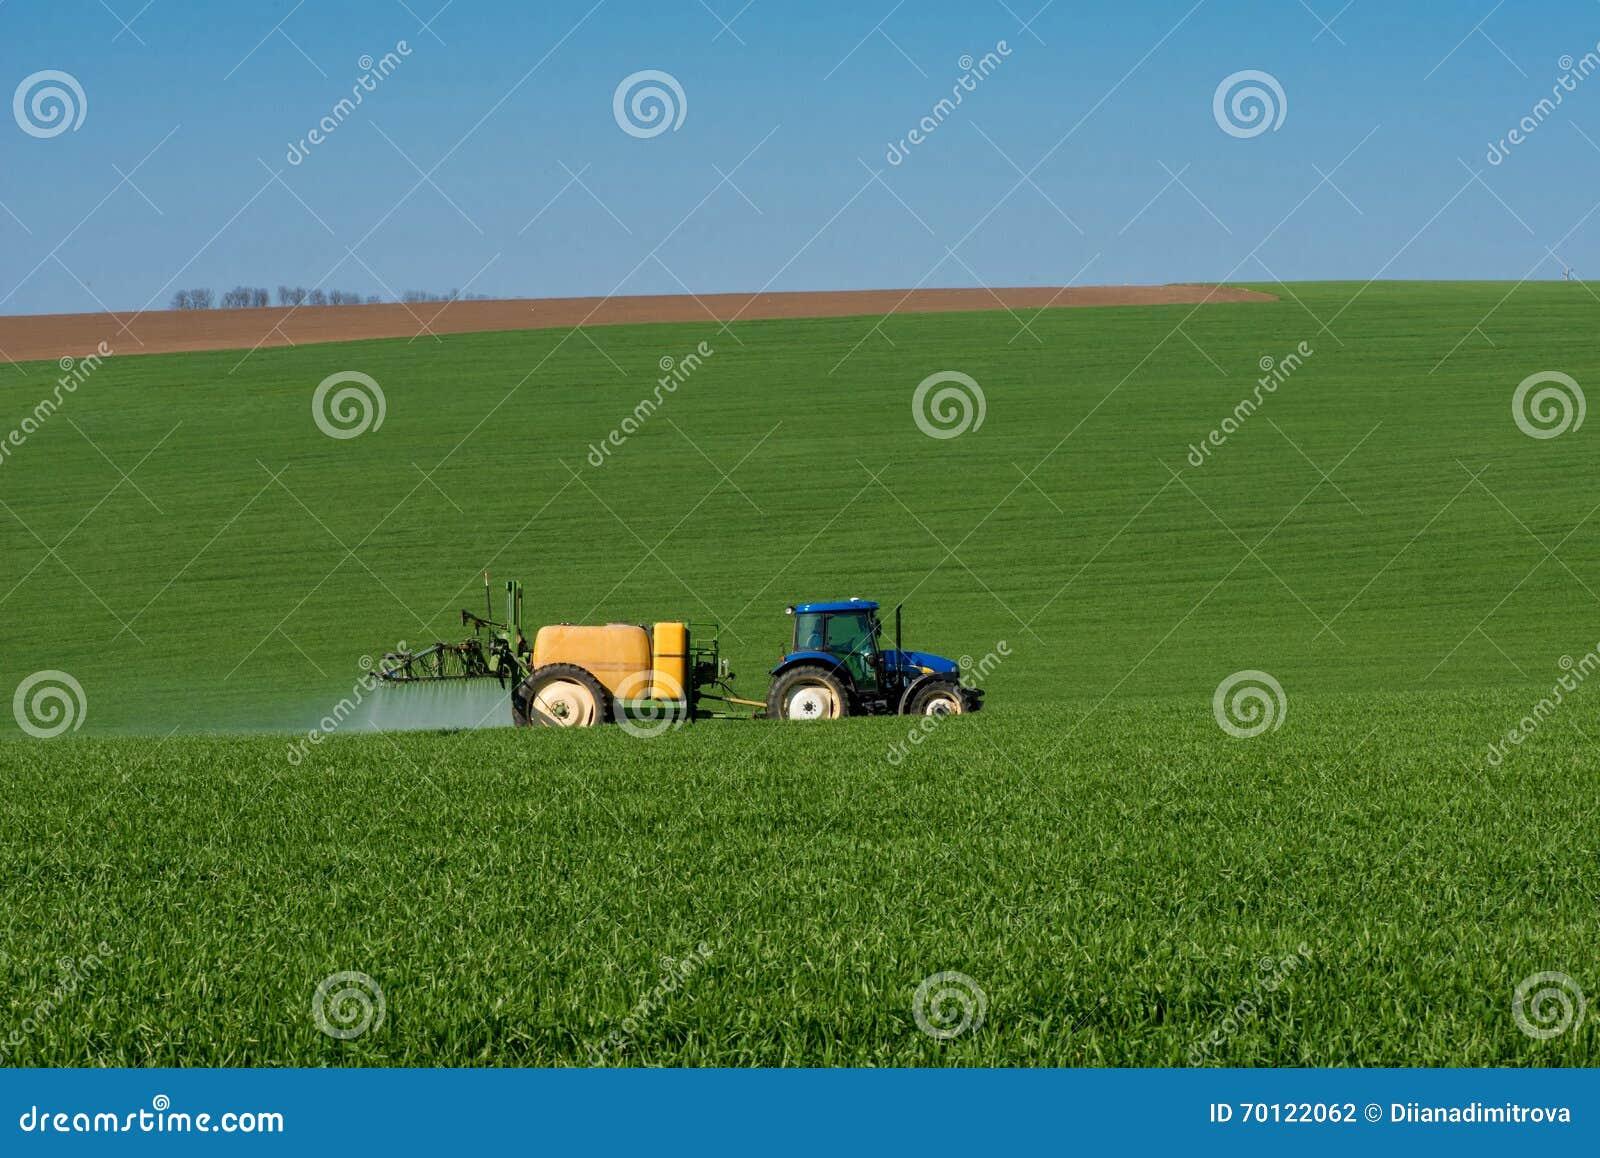 Traktorsprühschädlingsbekämpfungsmittel auf einem Gebiet des Weizens